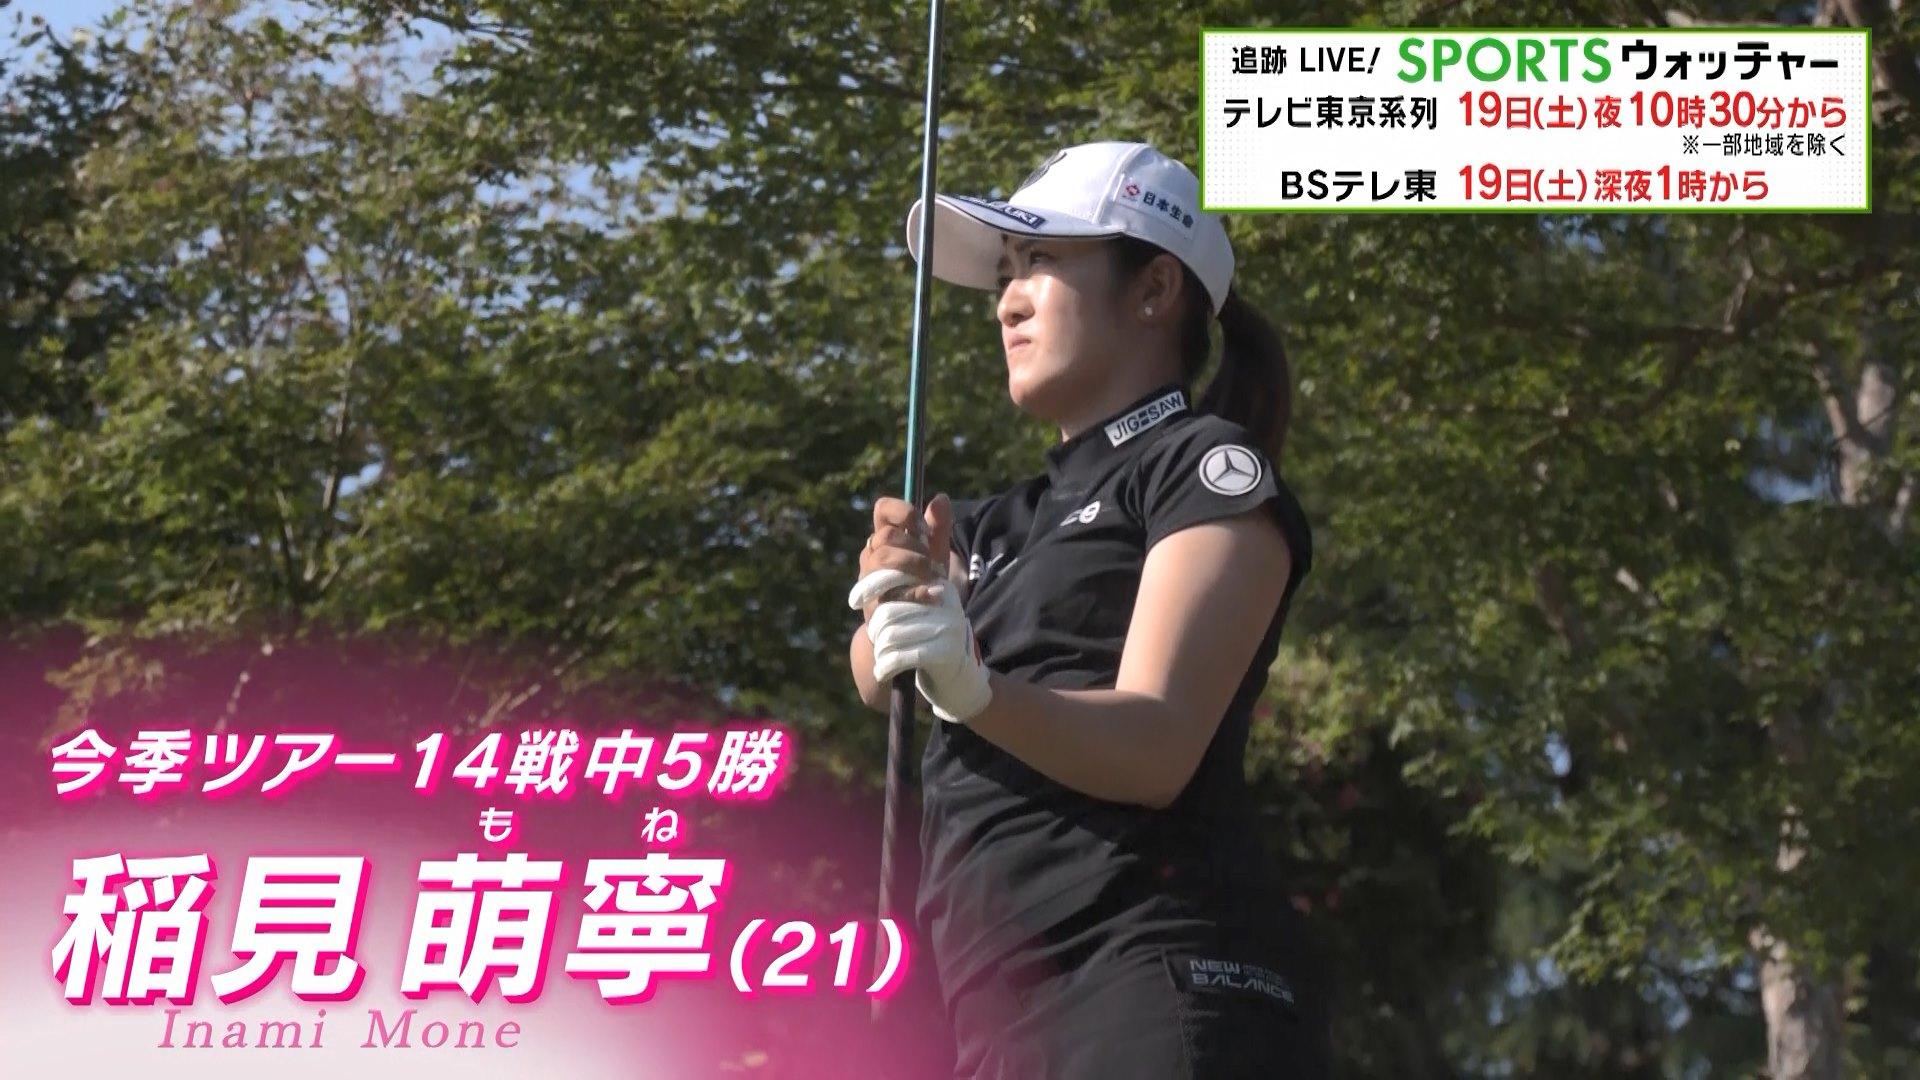 女子プロゴルフ・稲見萌寧 強さの裏にある挫折と苦悩/Humanウォッチャー